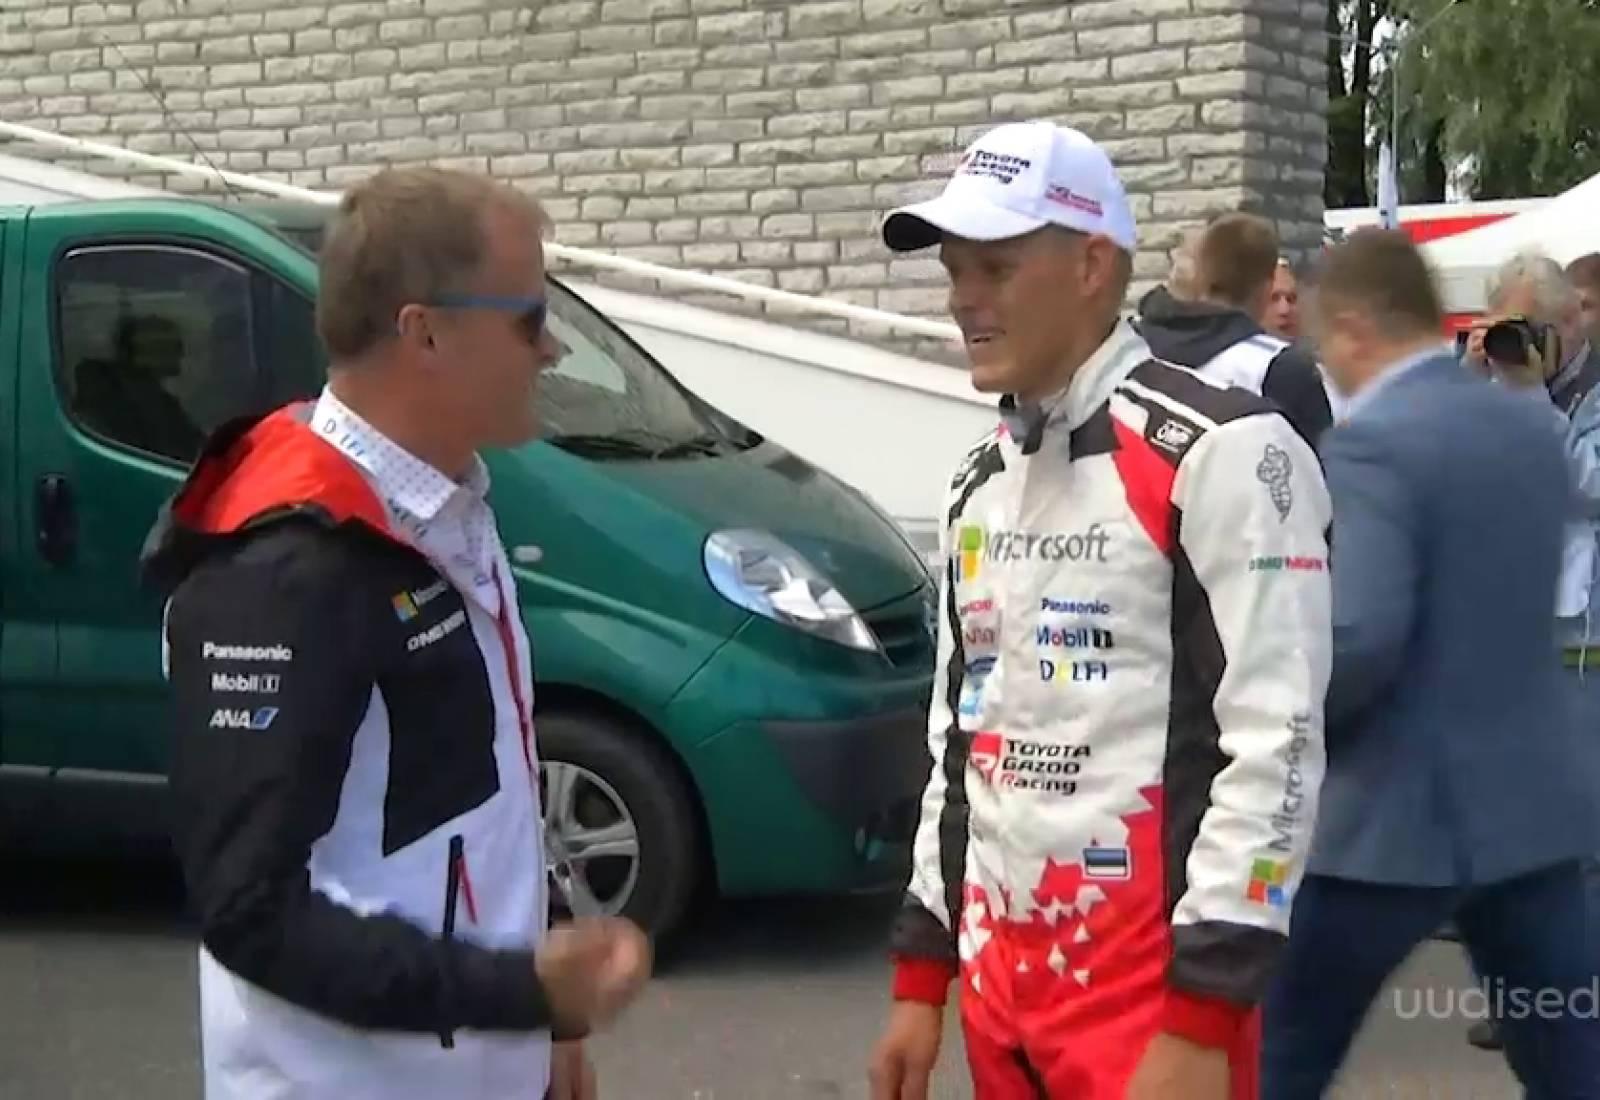 VIDEO! Ott Tänaku meeskonna Toyota juht Tommi Mäkinen: loodan, et ühel päeval näeme eestlasest maailmameistrit